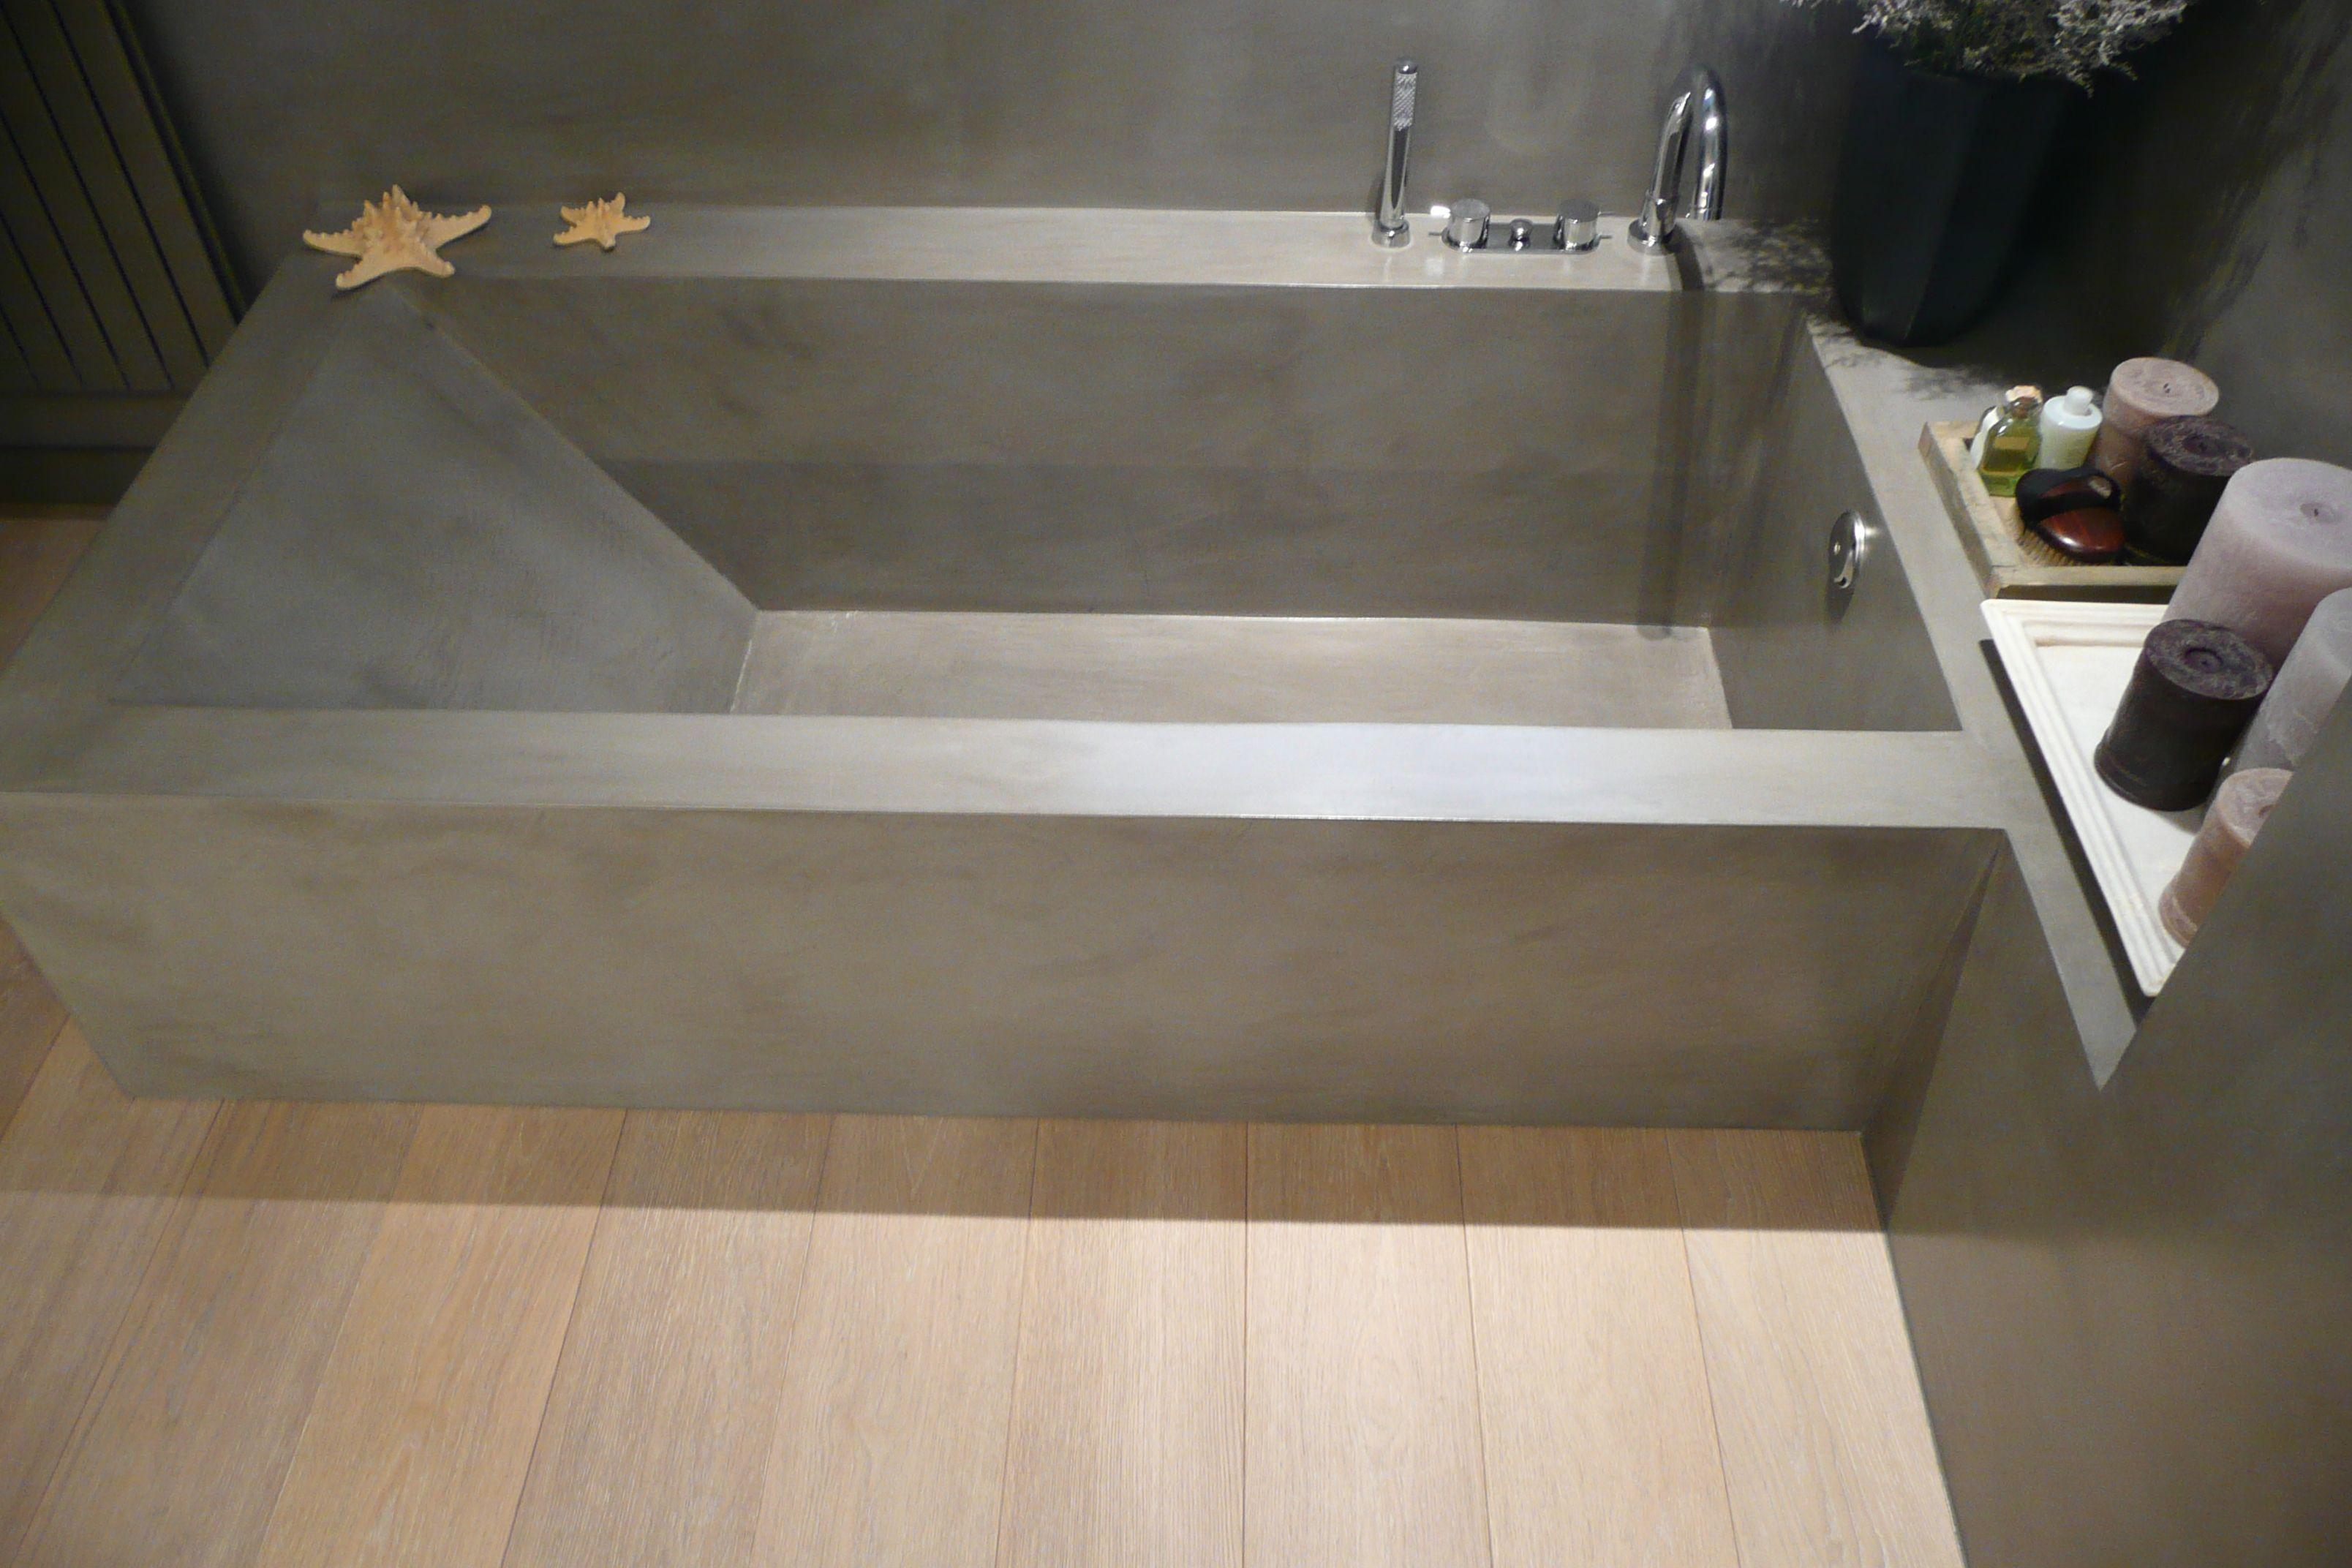 Bagno Microcemento ~ Bañera microcemento smstudio barcelona baños pinterest tubs